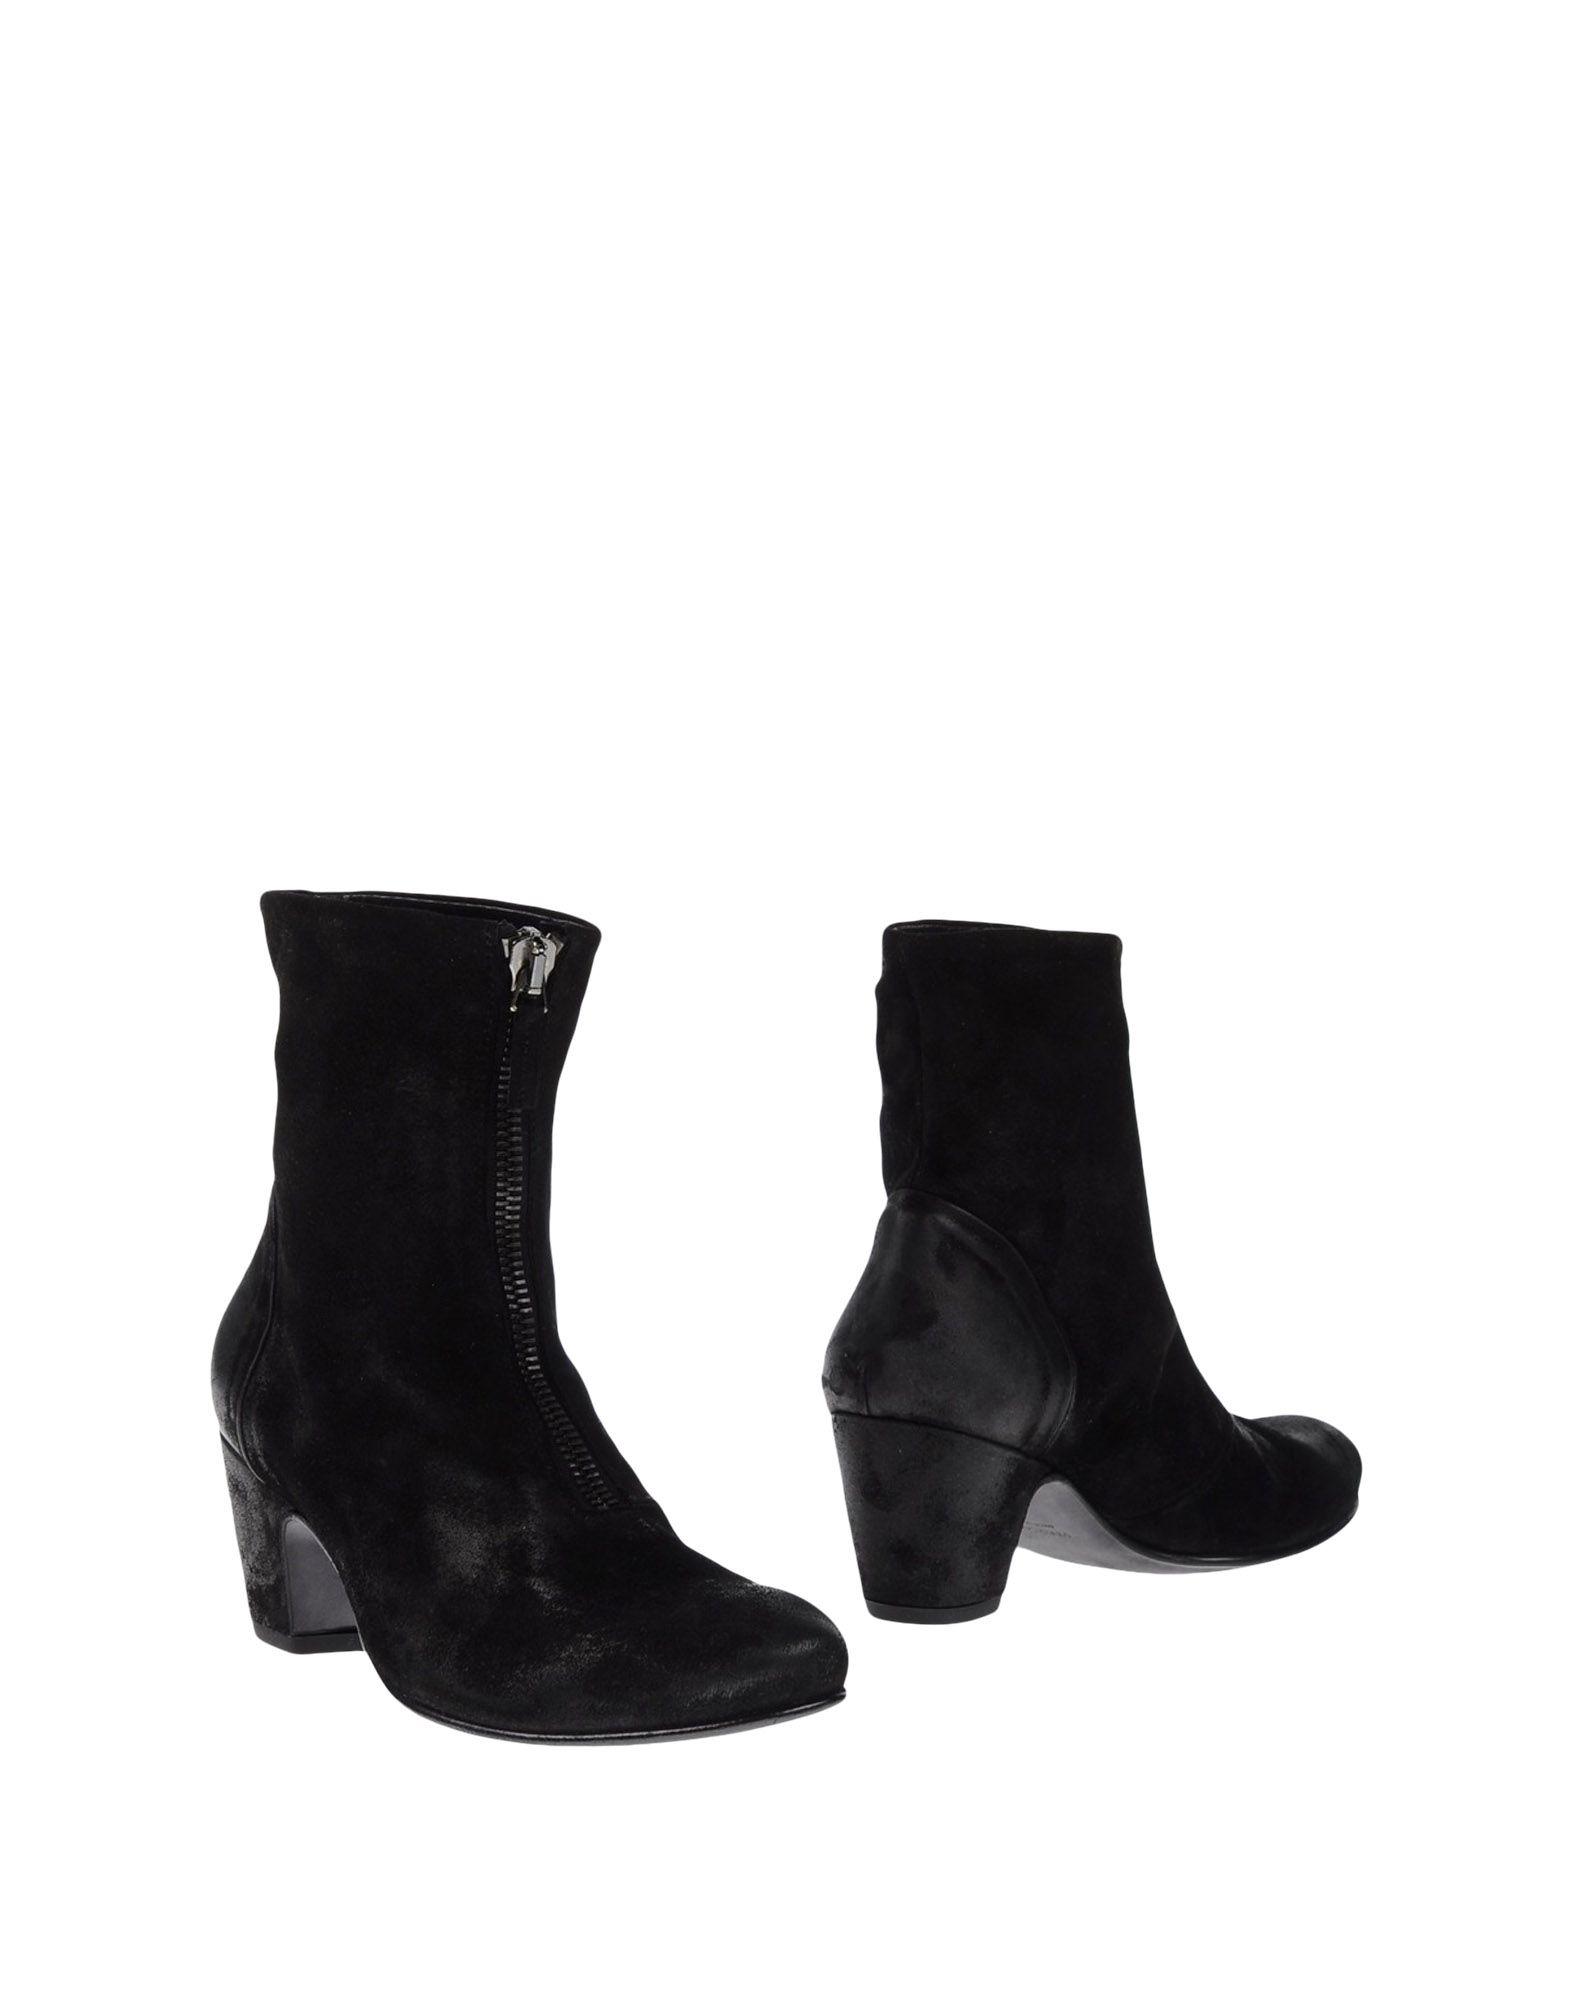 Stilvolle billige Schuhe Michelediloco Stiefelette 11030169TG Damen  11030169TG Stiefelette 897af6